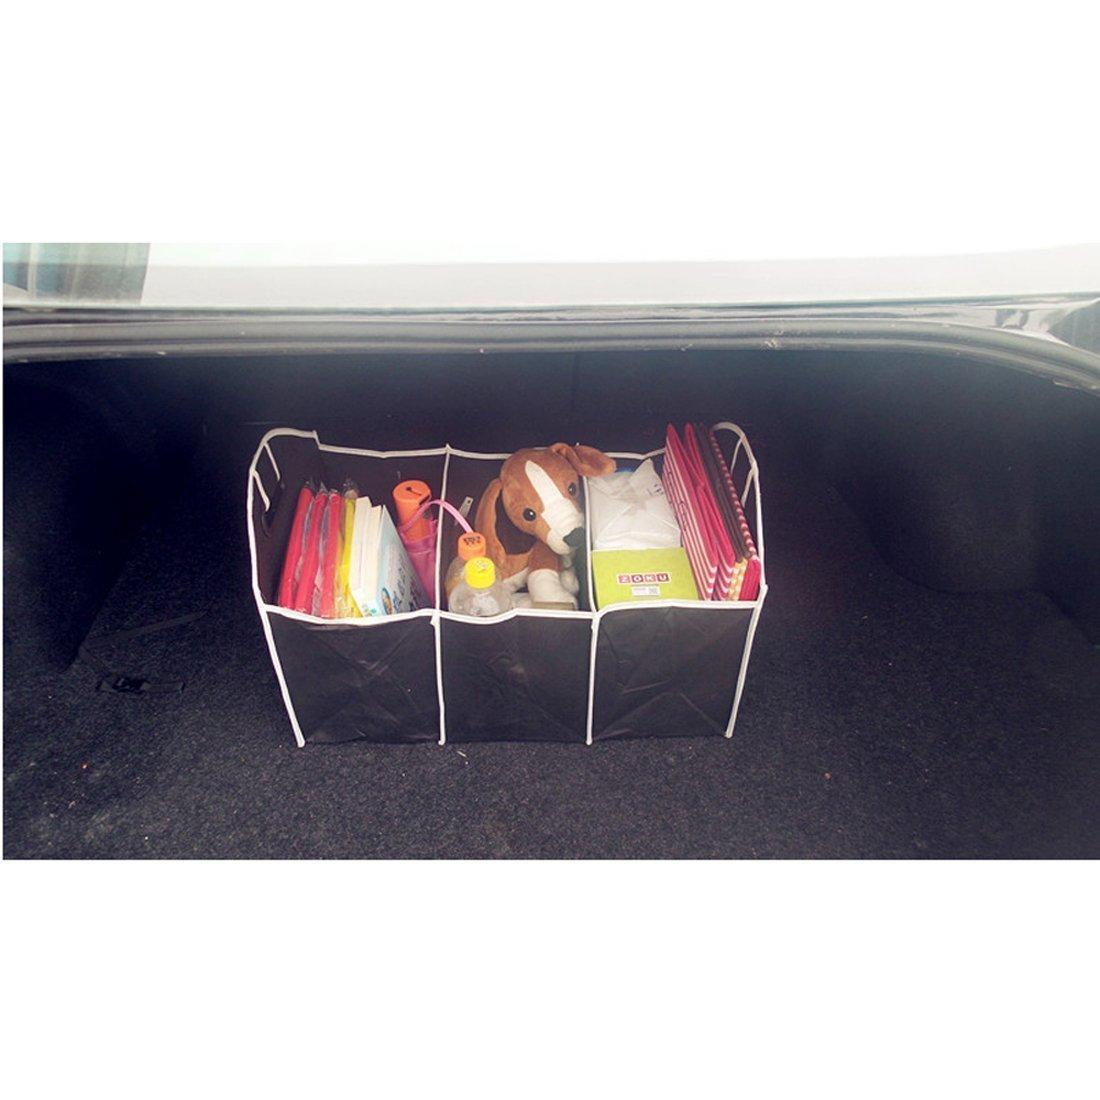 Автомобиль Магистральных Организатор Складная Портативный Карго хранение с инструментами летно вместительные вещевым Organizer Совместимости с джипом Car Truck Auto